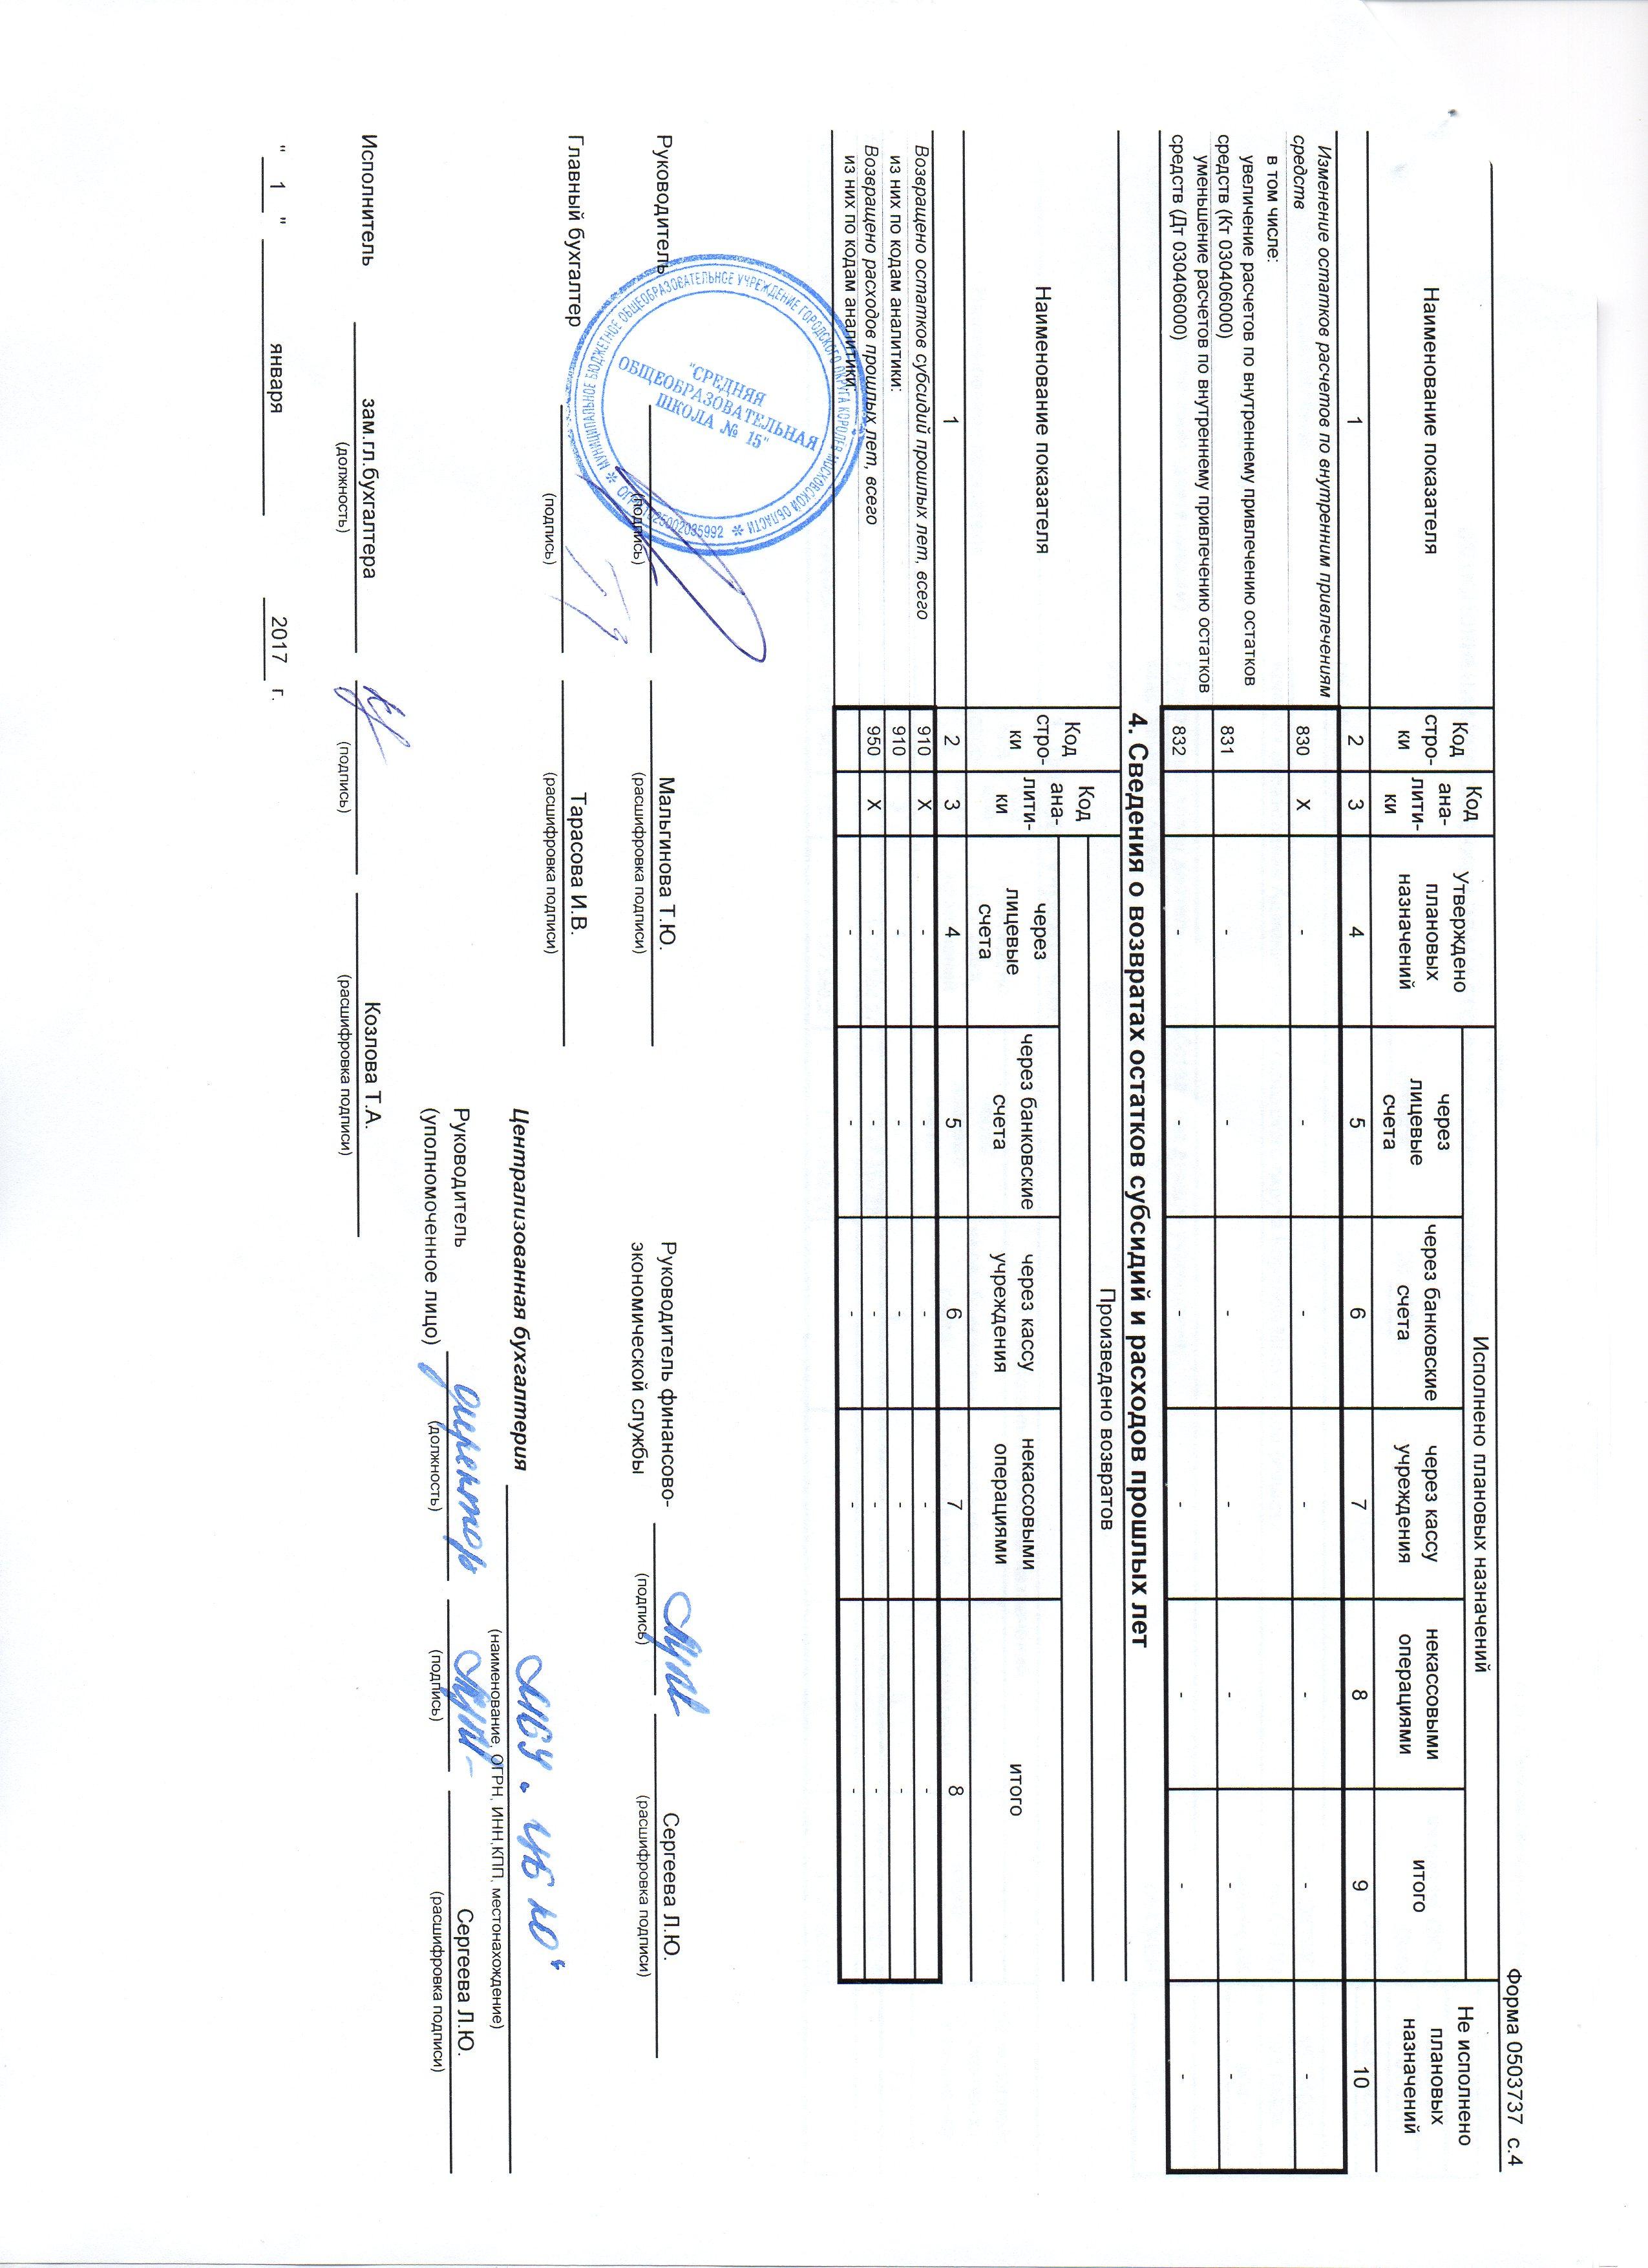 Отчет об исполнении учреждением плана его финансово-хозяйственной деятельности на 1 января 2017г. (иные цели) лист 4